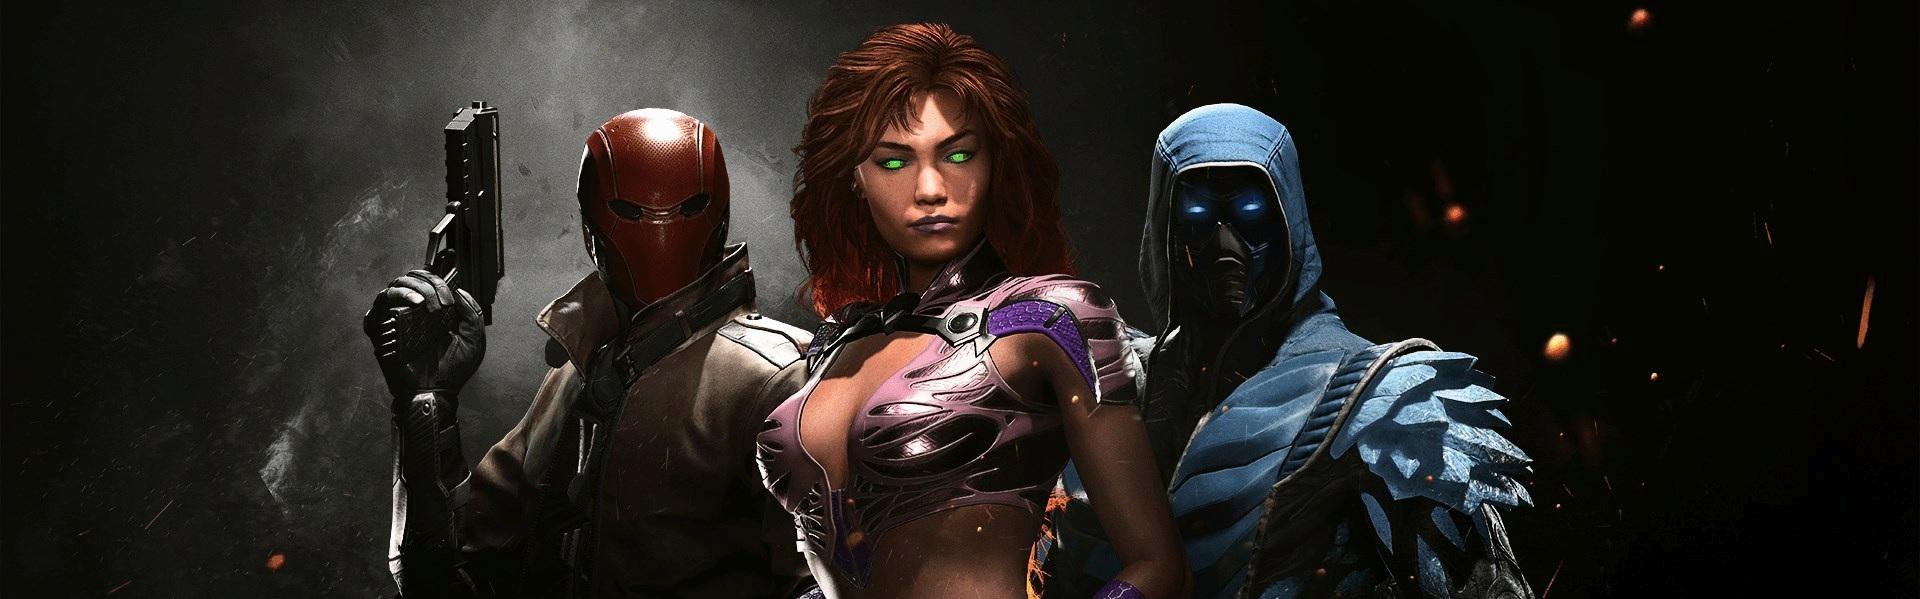 Injustice 2 - Fighter Pack 1 (DLC) Steam Key GLOBAL